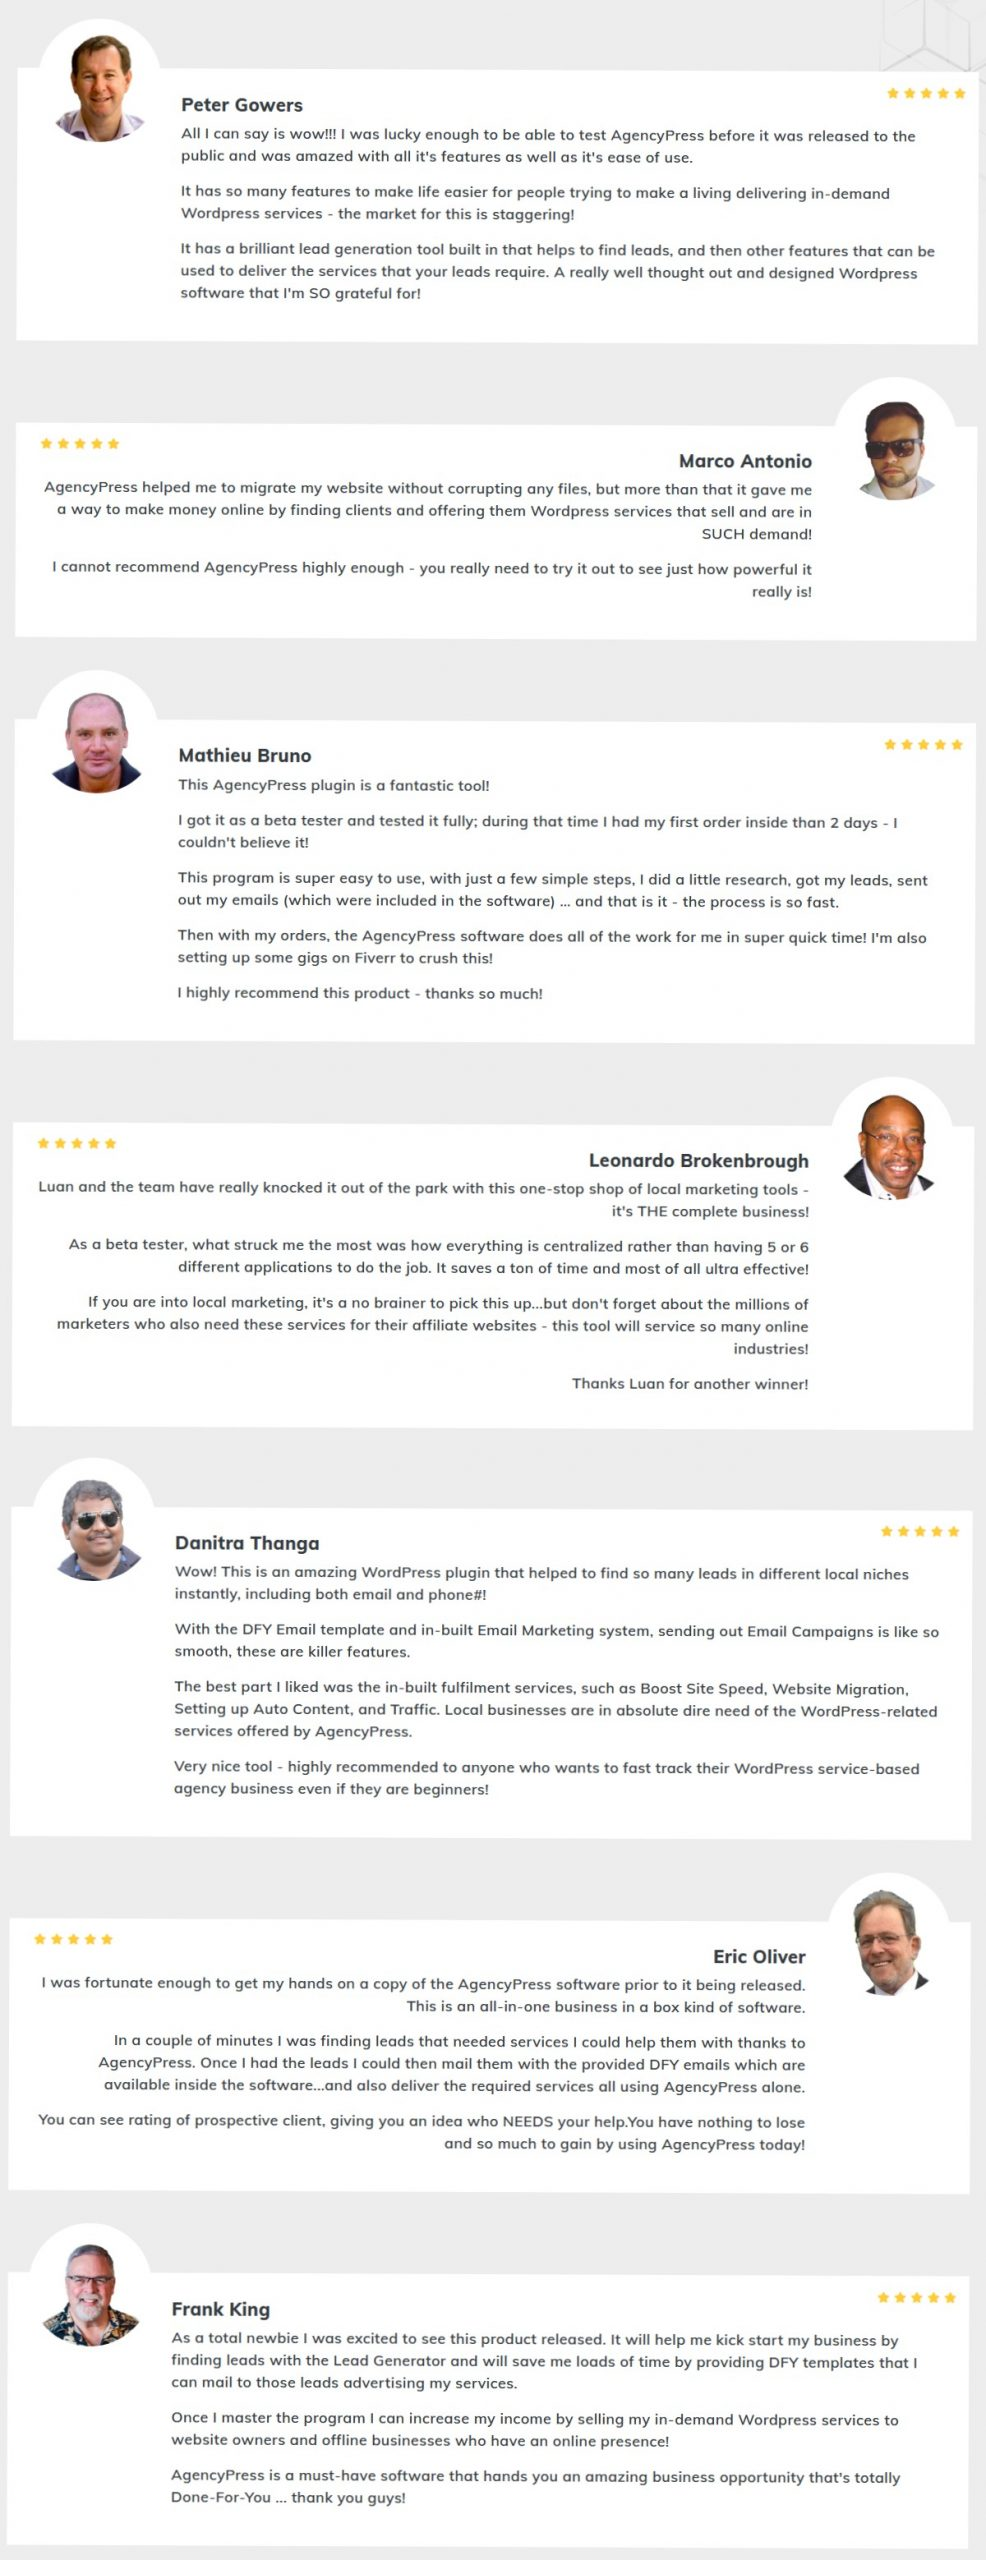 AgencyPress-feedback